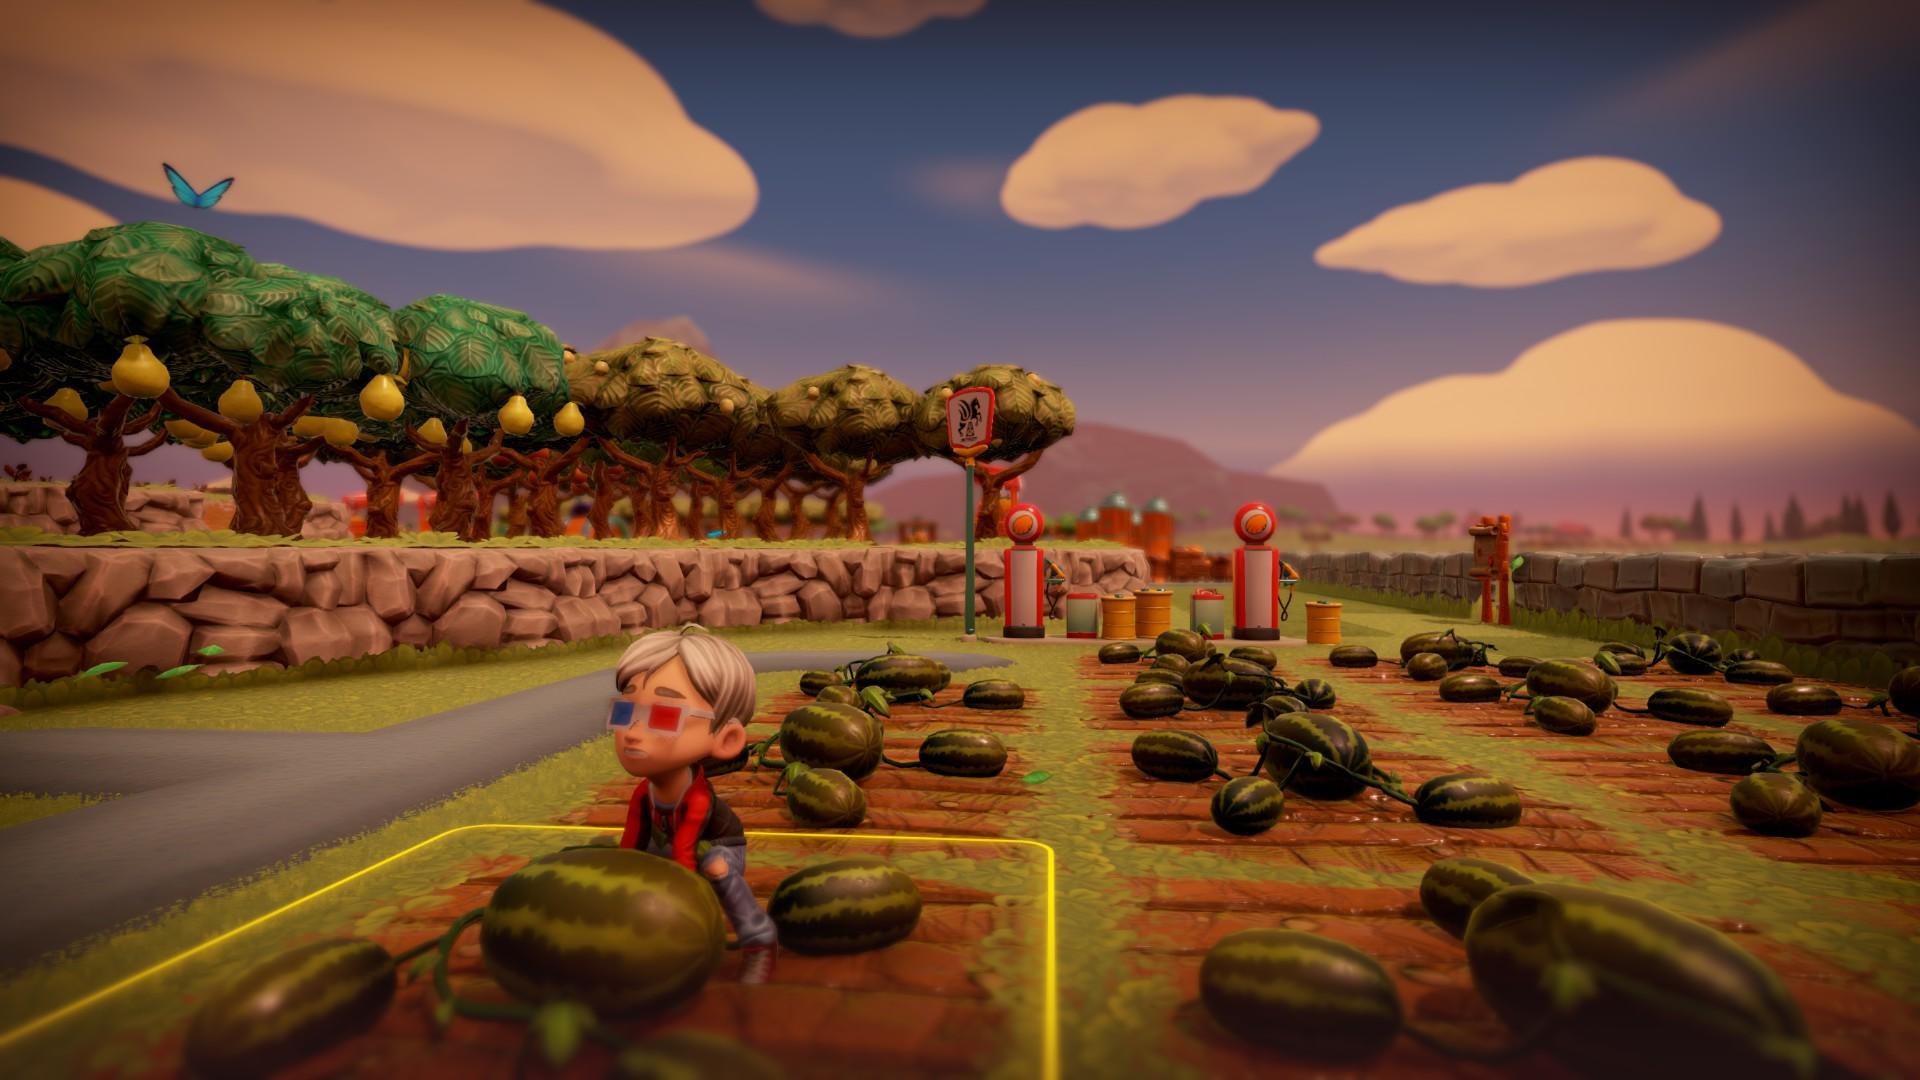 一起玩农场(Farm Together)免安装绿色中文版|DLC|升级档|网盘下载